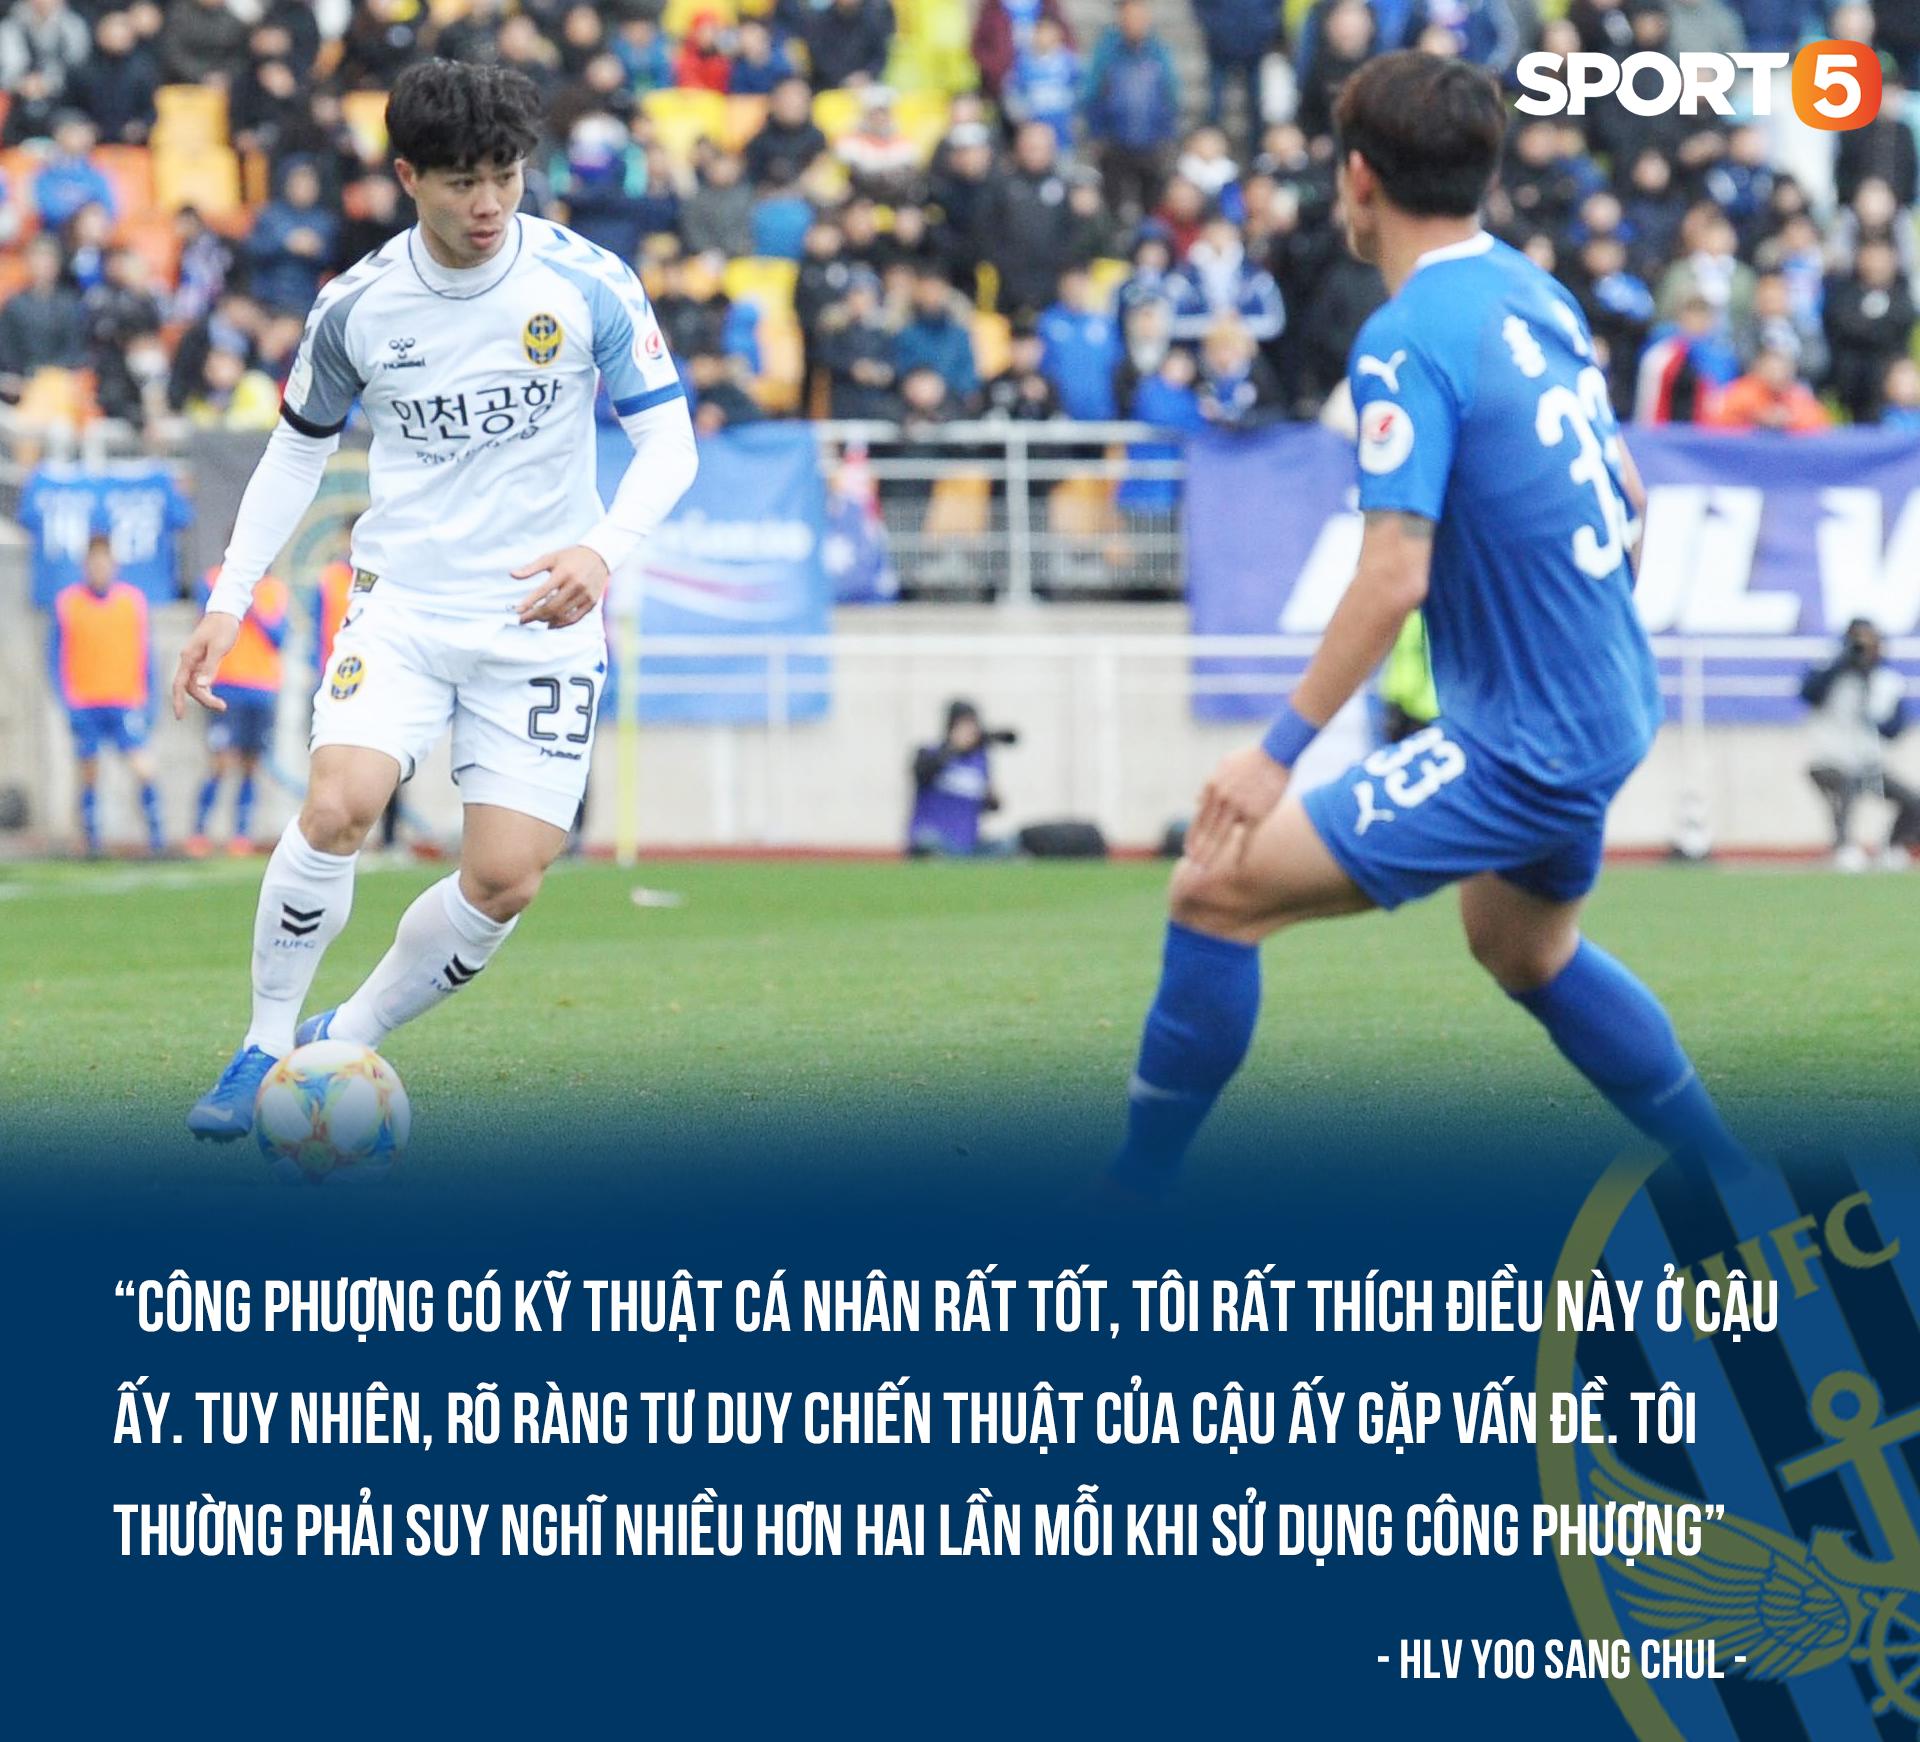 117 phút Công Phượng mới sút một lần, HLV Incheon United ngã ngửa: Tôi phải nghĩ nhiều hơn khi sử dụng cậu ấy - Ảnh 1.